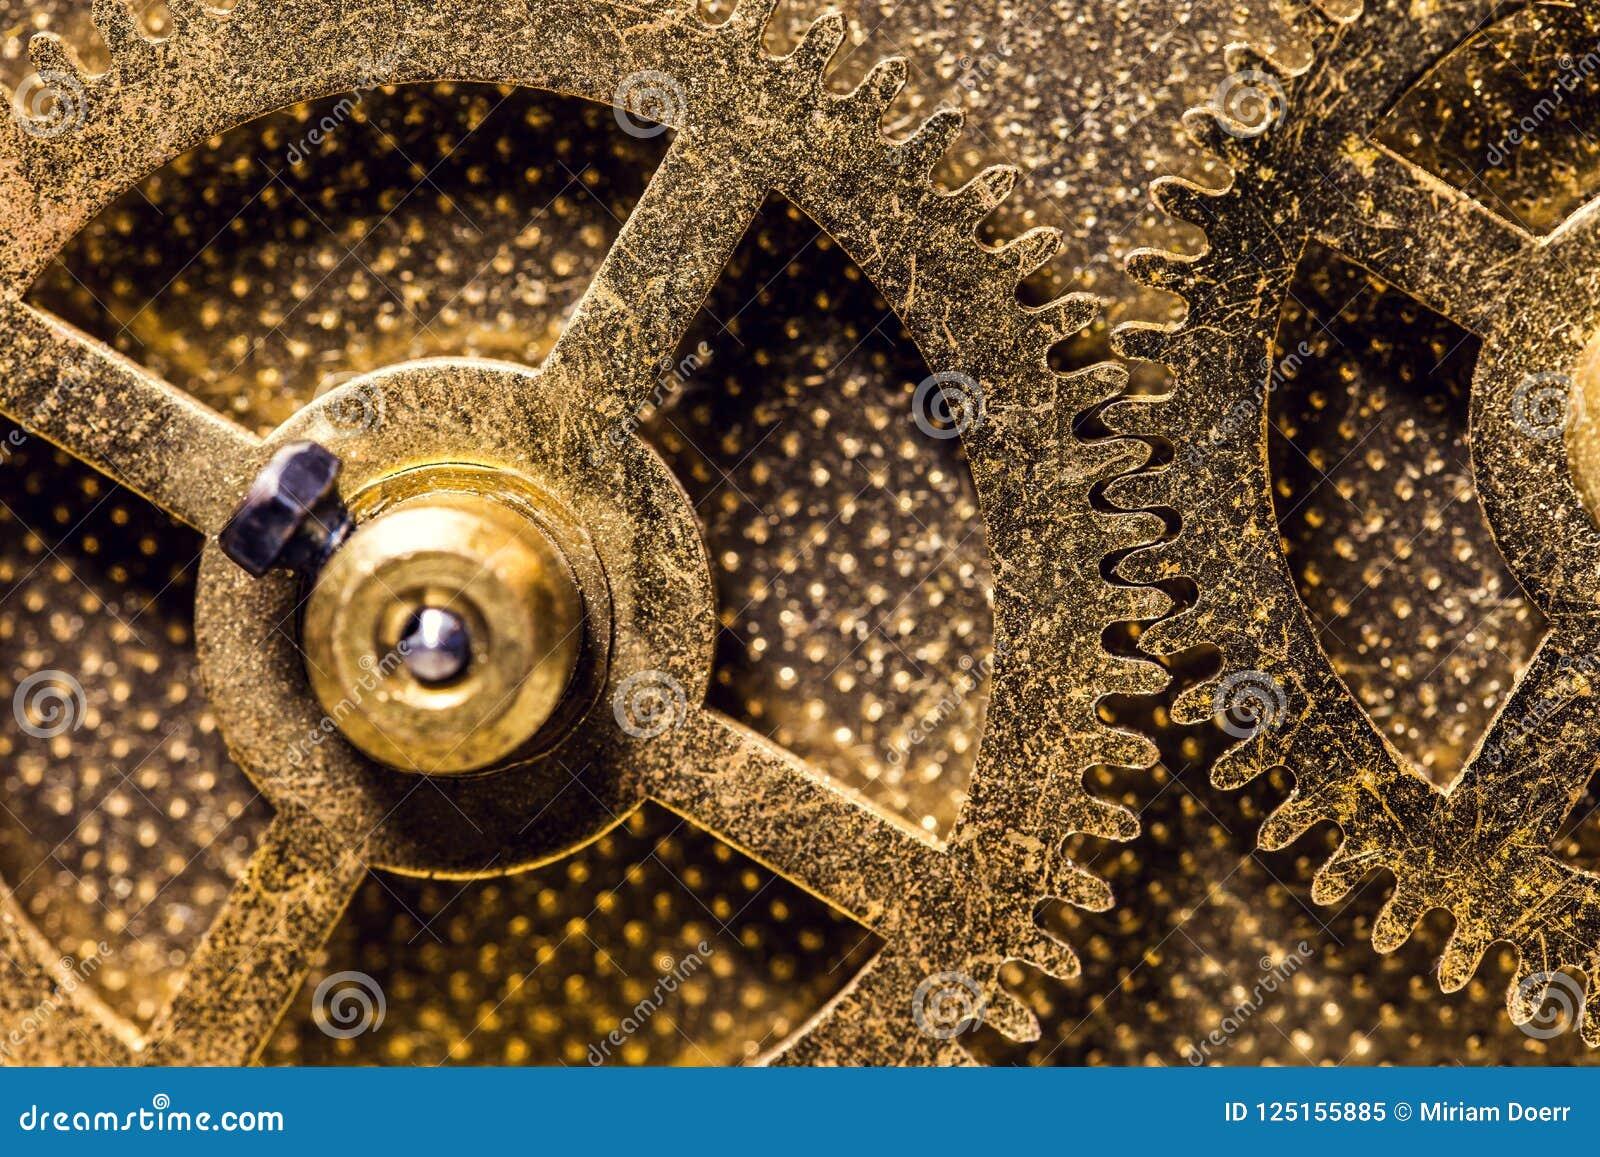 黄铜色钝齿轮或大齿轮,概念运动和机械